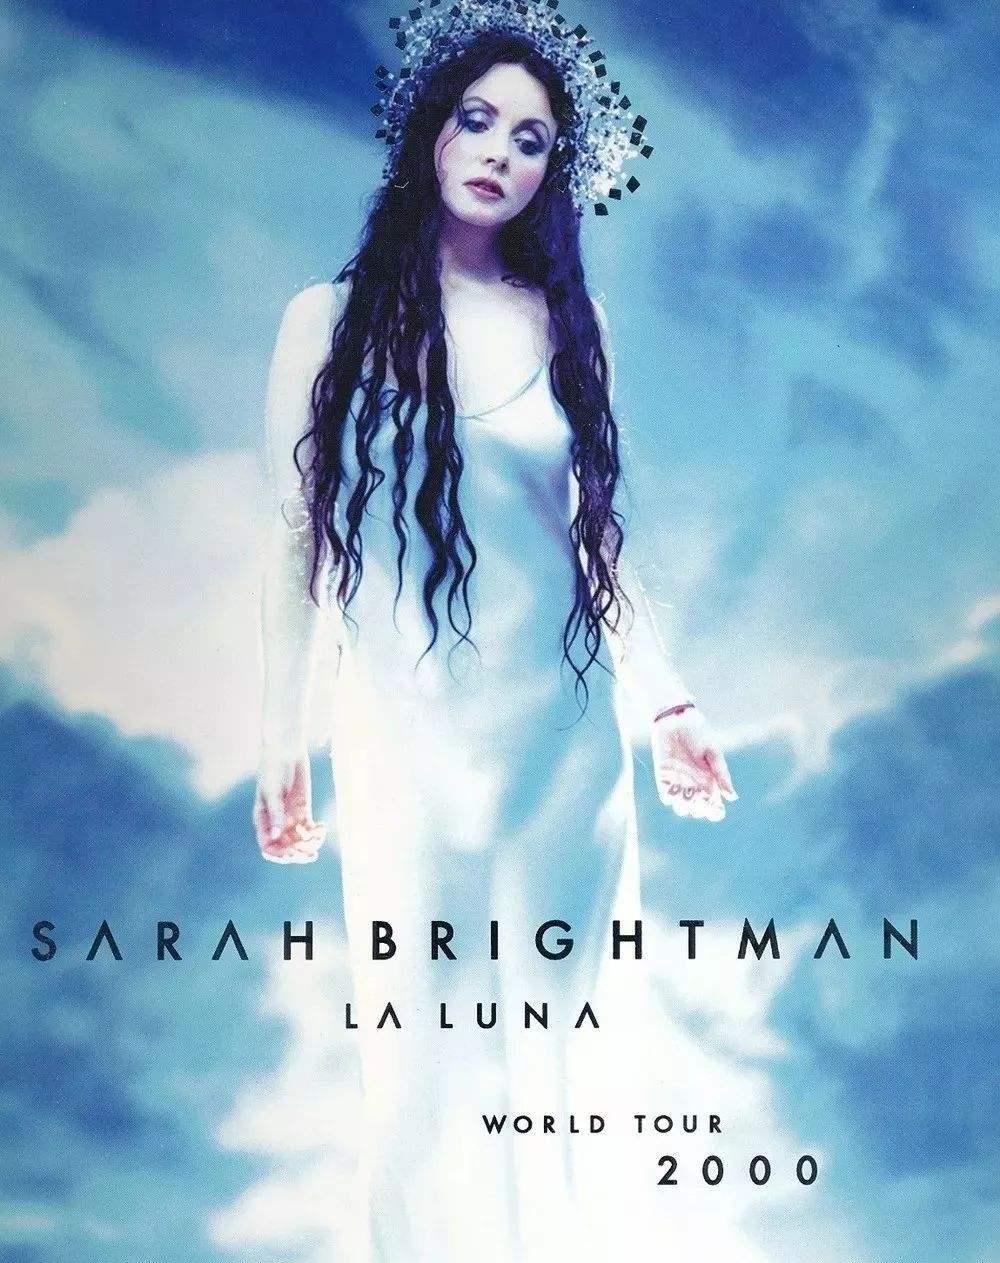 经典歌曲《La luna》《月光女神》中英文对照歌词